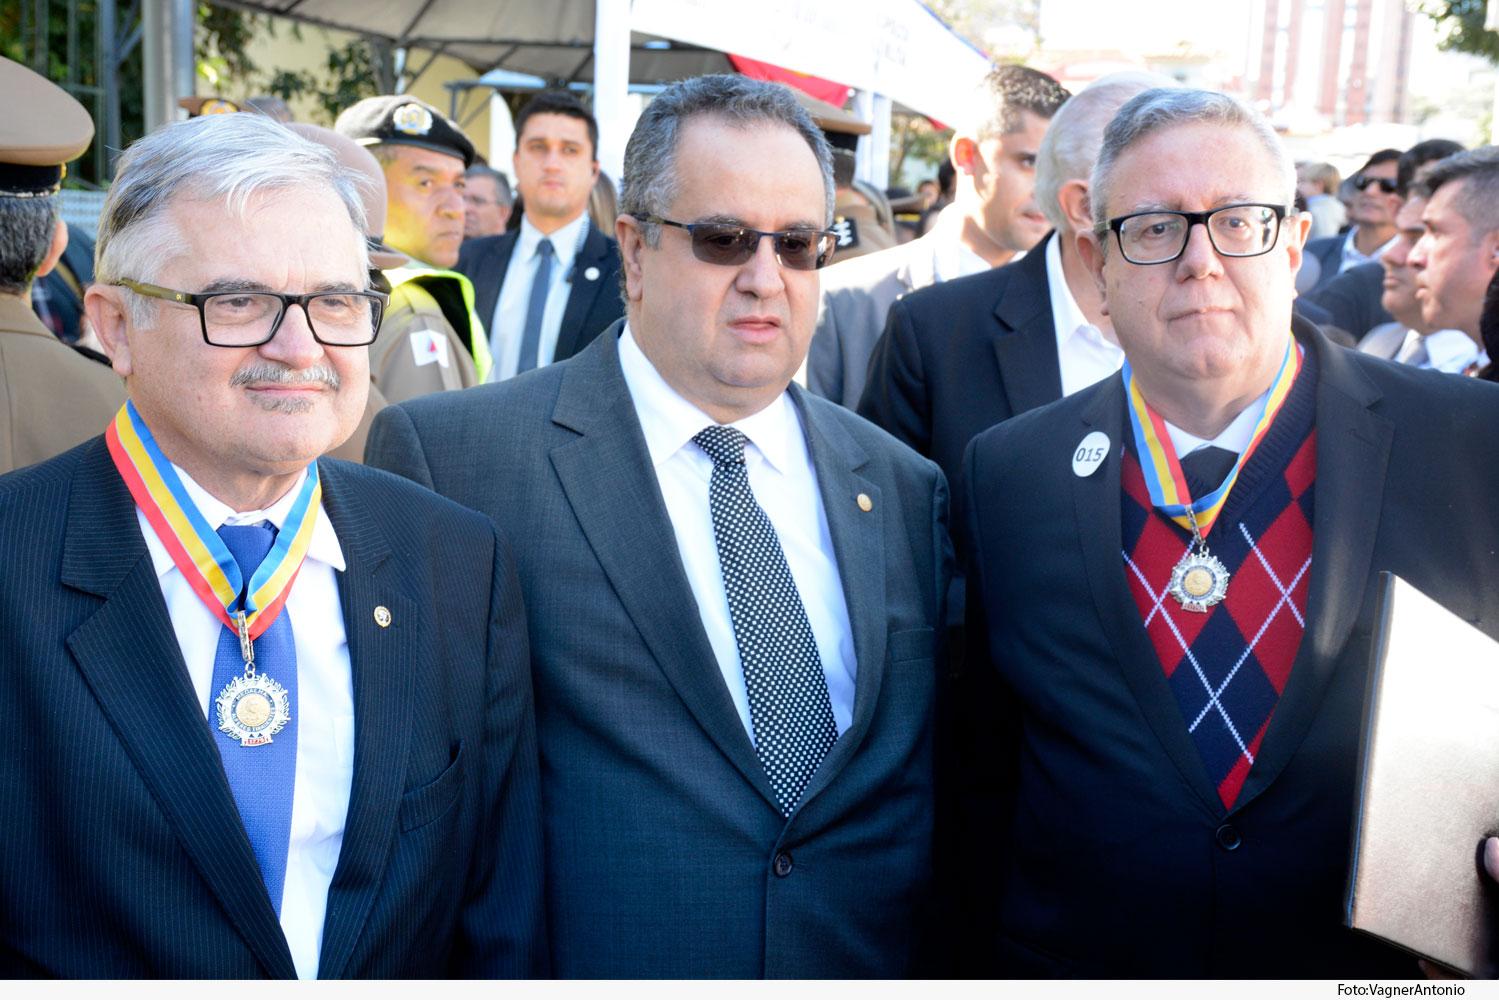 Noticia3-Medalha-Alferes-Tiradentes.Des-Caldeira-Brant.Presidente_-Juiz-Everton-Vilarion-de-souza-07.06.19.jpg